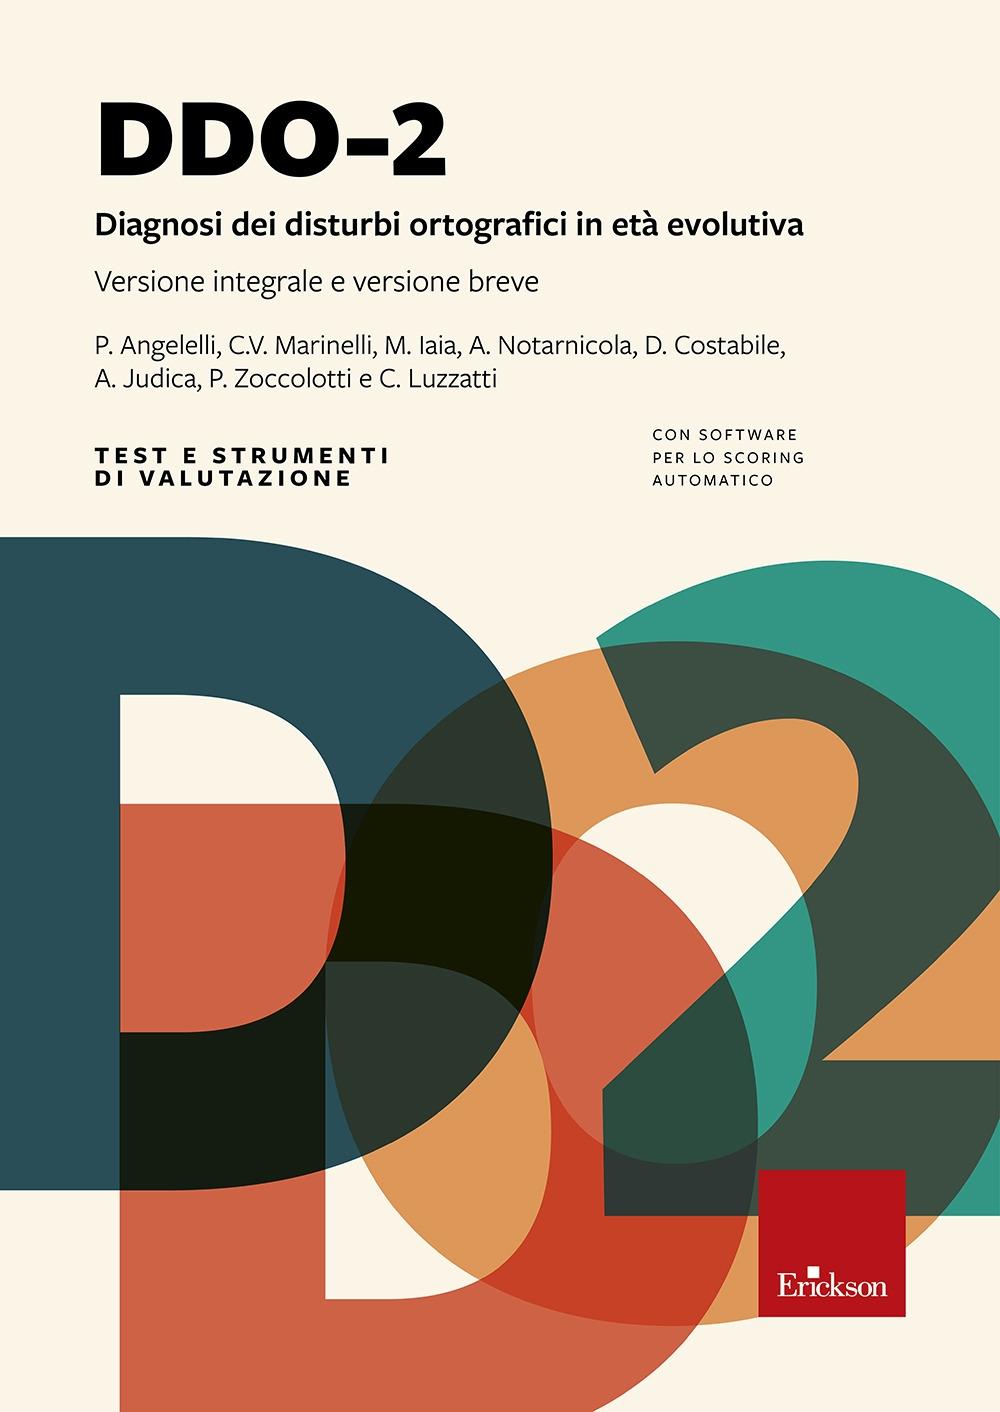 DDO-2. Diagnosi dei disturbi ortografici in età evolutiva.